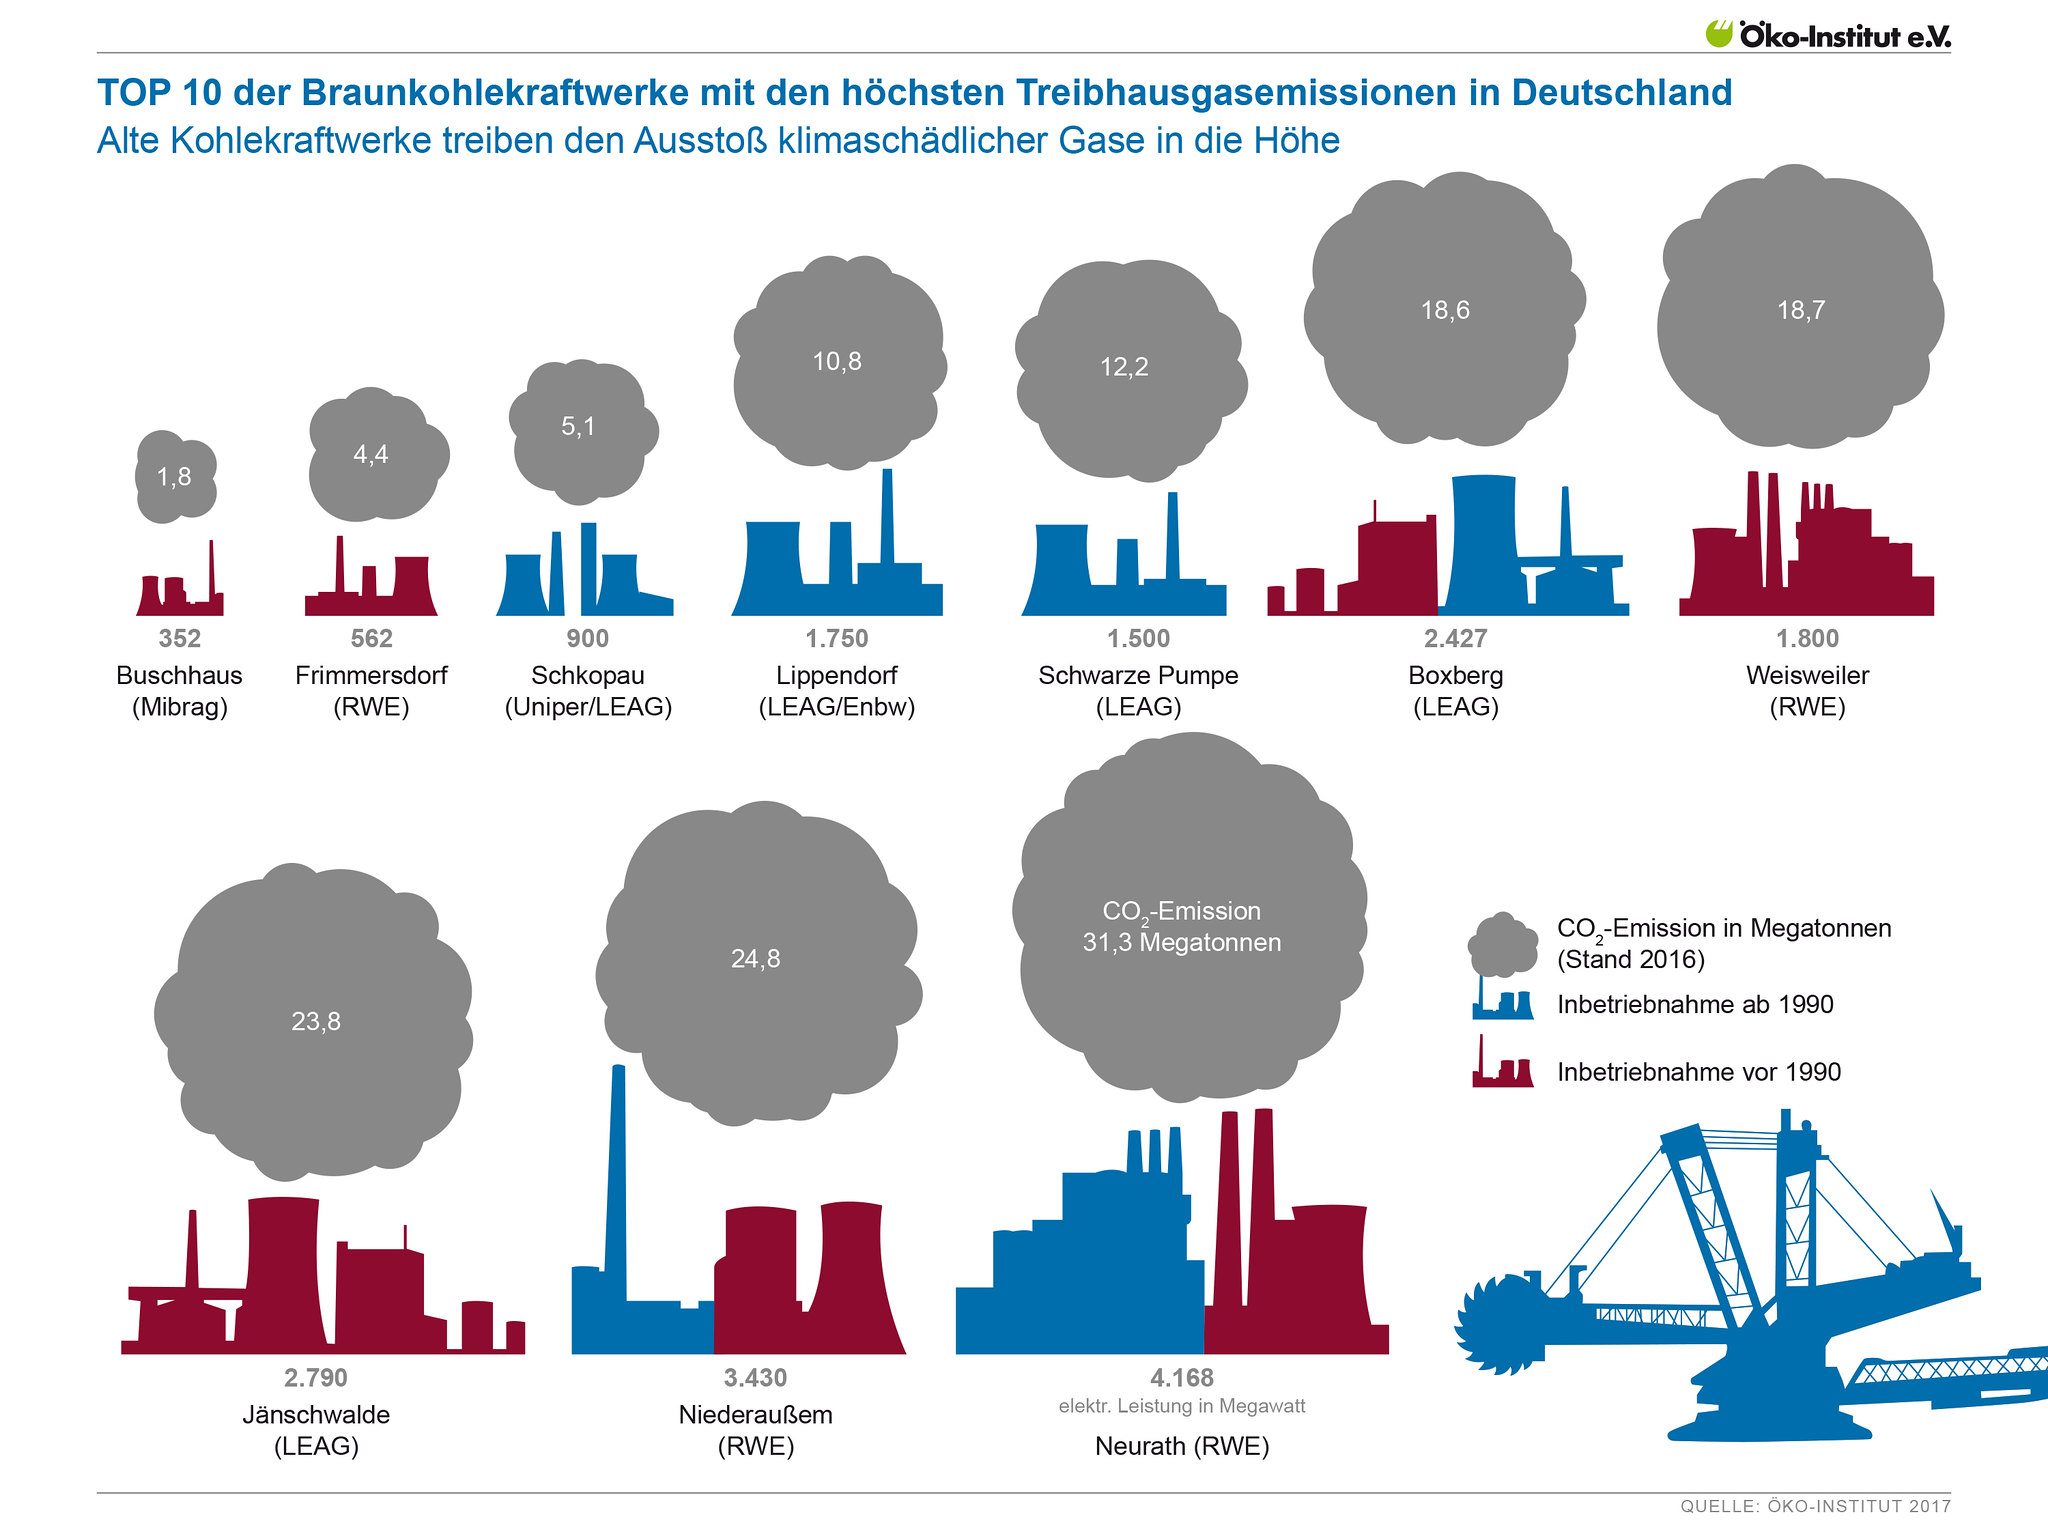 TOP 10 der Braunkohlekraftwerke mit den höchsten Treibhausgasemissionen in Deutschland